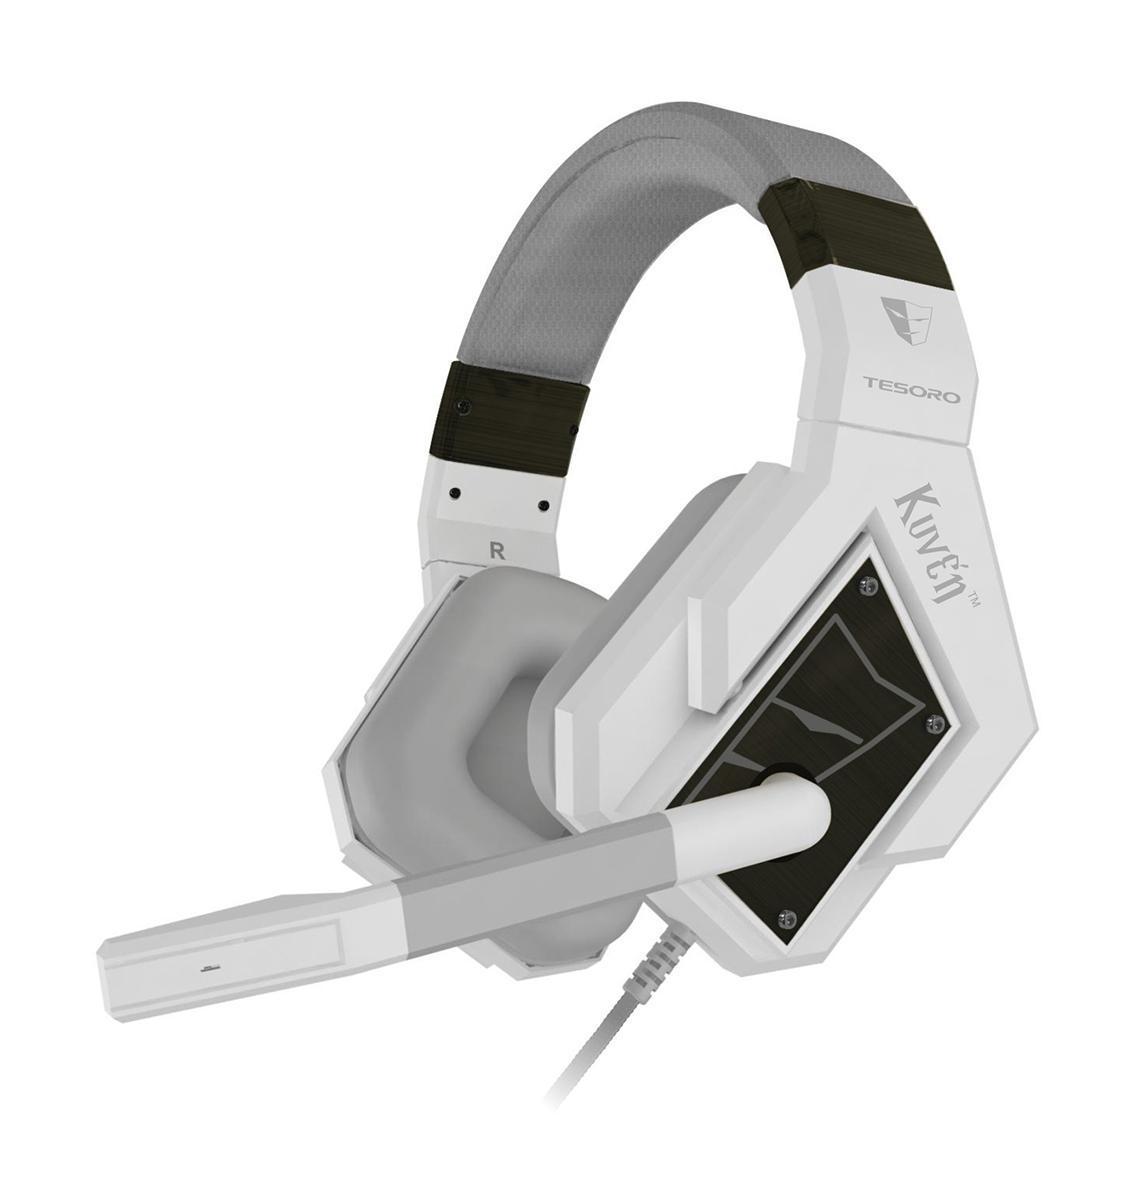 Tesoro Kuven 7.1 Angel TS-A1, White проводная гарнитураKuven 7.1 Angel TS-A1 WhiteПрофессиональная игровая гарнитура Tesoro Kuven 7.1 - это результат долгих исследований геймерских пристрастий и требований. Они совмещают в себе всё необходимое: виртуализированный звук 7.1, мощные 50-мм динамики, закрытые чашки со съёмными шумопоглощающими амбушюрами, контроллер звука, высококачественный микрофон и стильный внешний вид.Данная модель обладает чистейшим звучанием и обеспечивают превосходную слышимость во время игры. Благодаря продвинутой технологии виртуализации объёмного звука, вы сможете быть готовым к столкновению с самым осторожным противником, потому что будете слышать его задолго до того, как он сможет вас увидеть.Благодаря виртуализированному звуку 7.1 вы сможете точно определять местоположение ваших противников и составлять наиболее полную картину боя.50-мм динамики обеспечивают мощное, чистое звучание, благодаря которому погружение в игру будет максимально глубоким. Закрытый тип наушников и плотные амбушюры позволят сосредоточиться на игре и не позволят внешним шумам отвлекать вас от игры. Держатели динамиков свободно вращаются, что позволяет амбушюрам плотно прилегать к голове и обеспечивает максимальный комфорт.Наушники оборудованы пультом управления, который позволяет регулировать громкость и отключать микрофон.Гарнитуру можно подключить через USB, стандартные 3,5-мм разъемы или через один универсальный мини-джек.